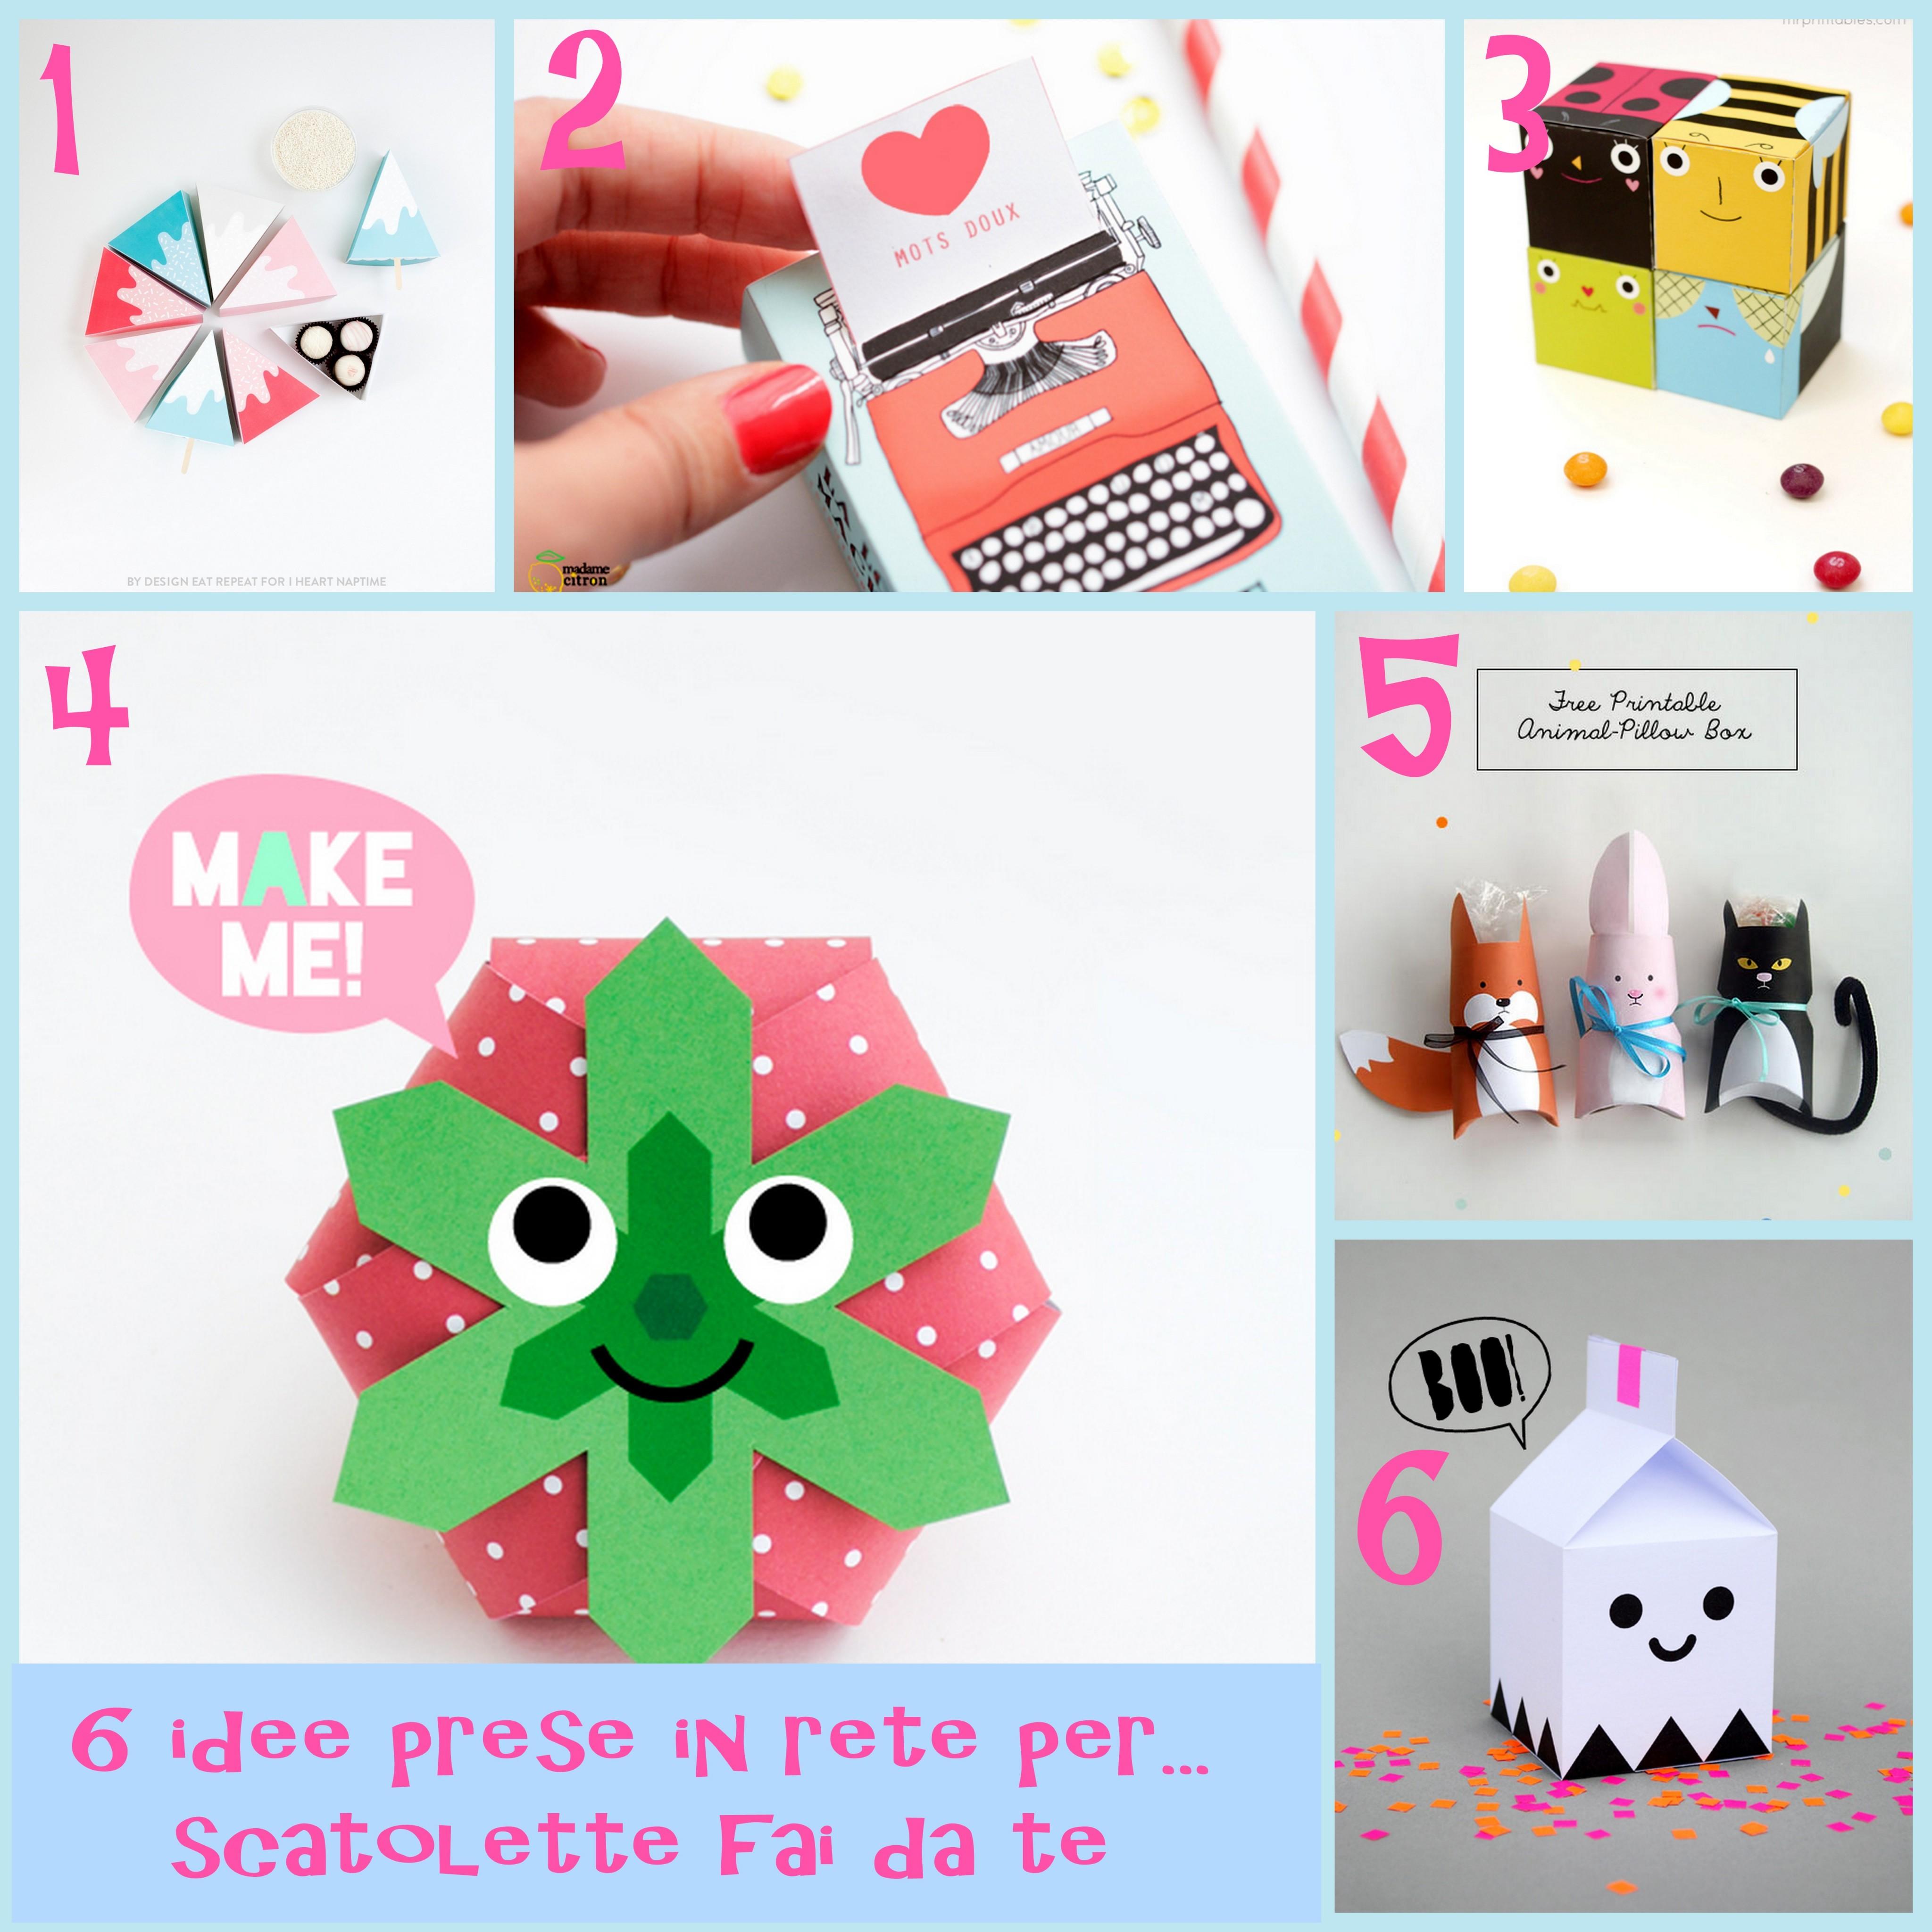 6idee per creare scatolette di carta